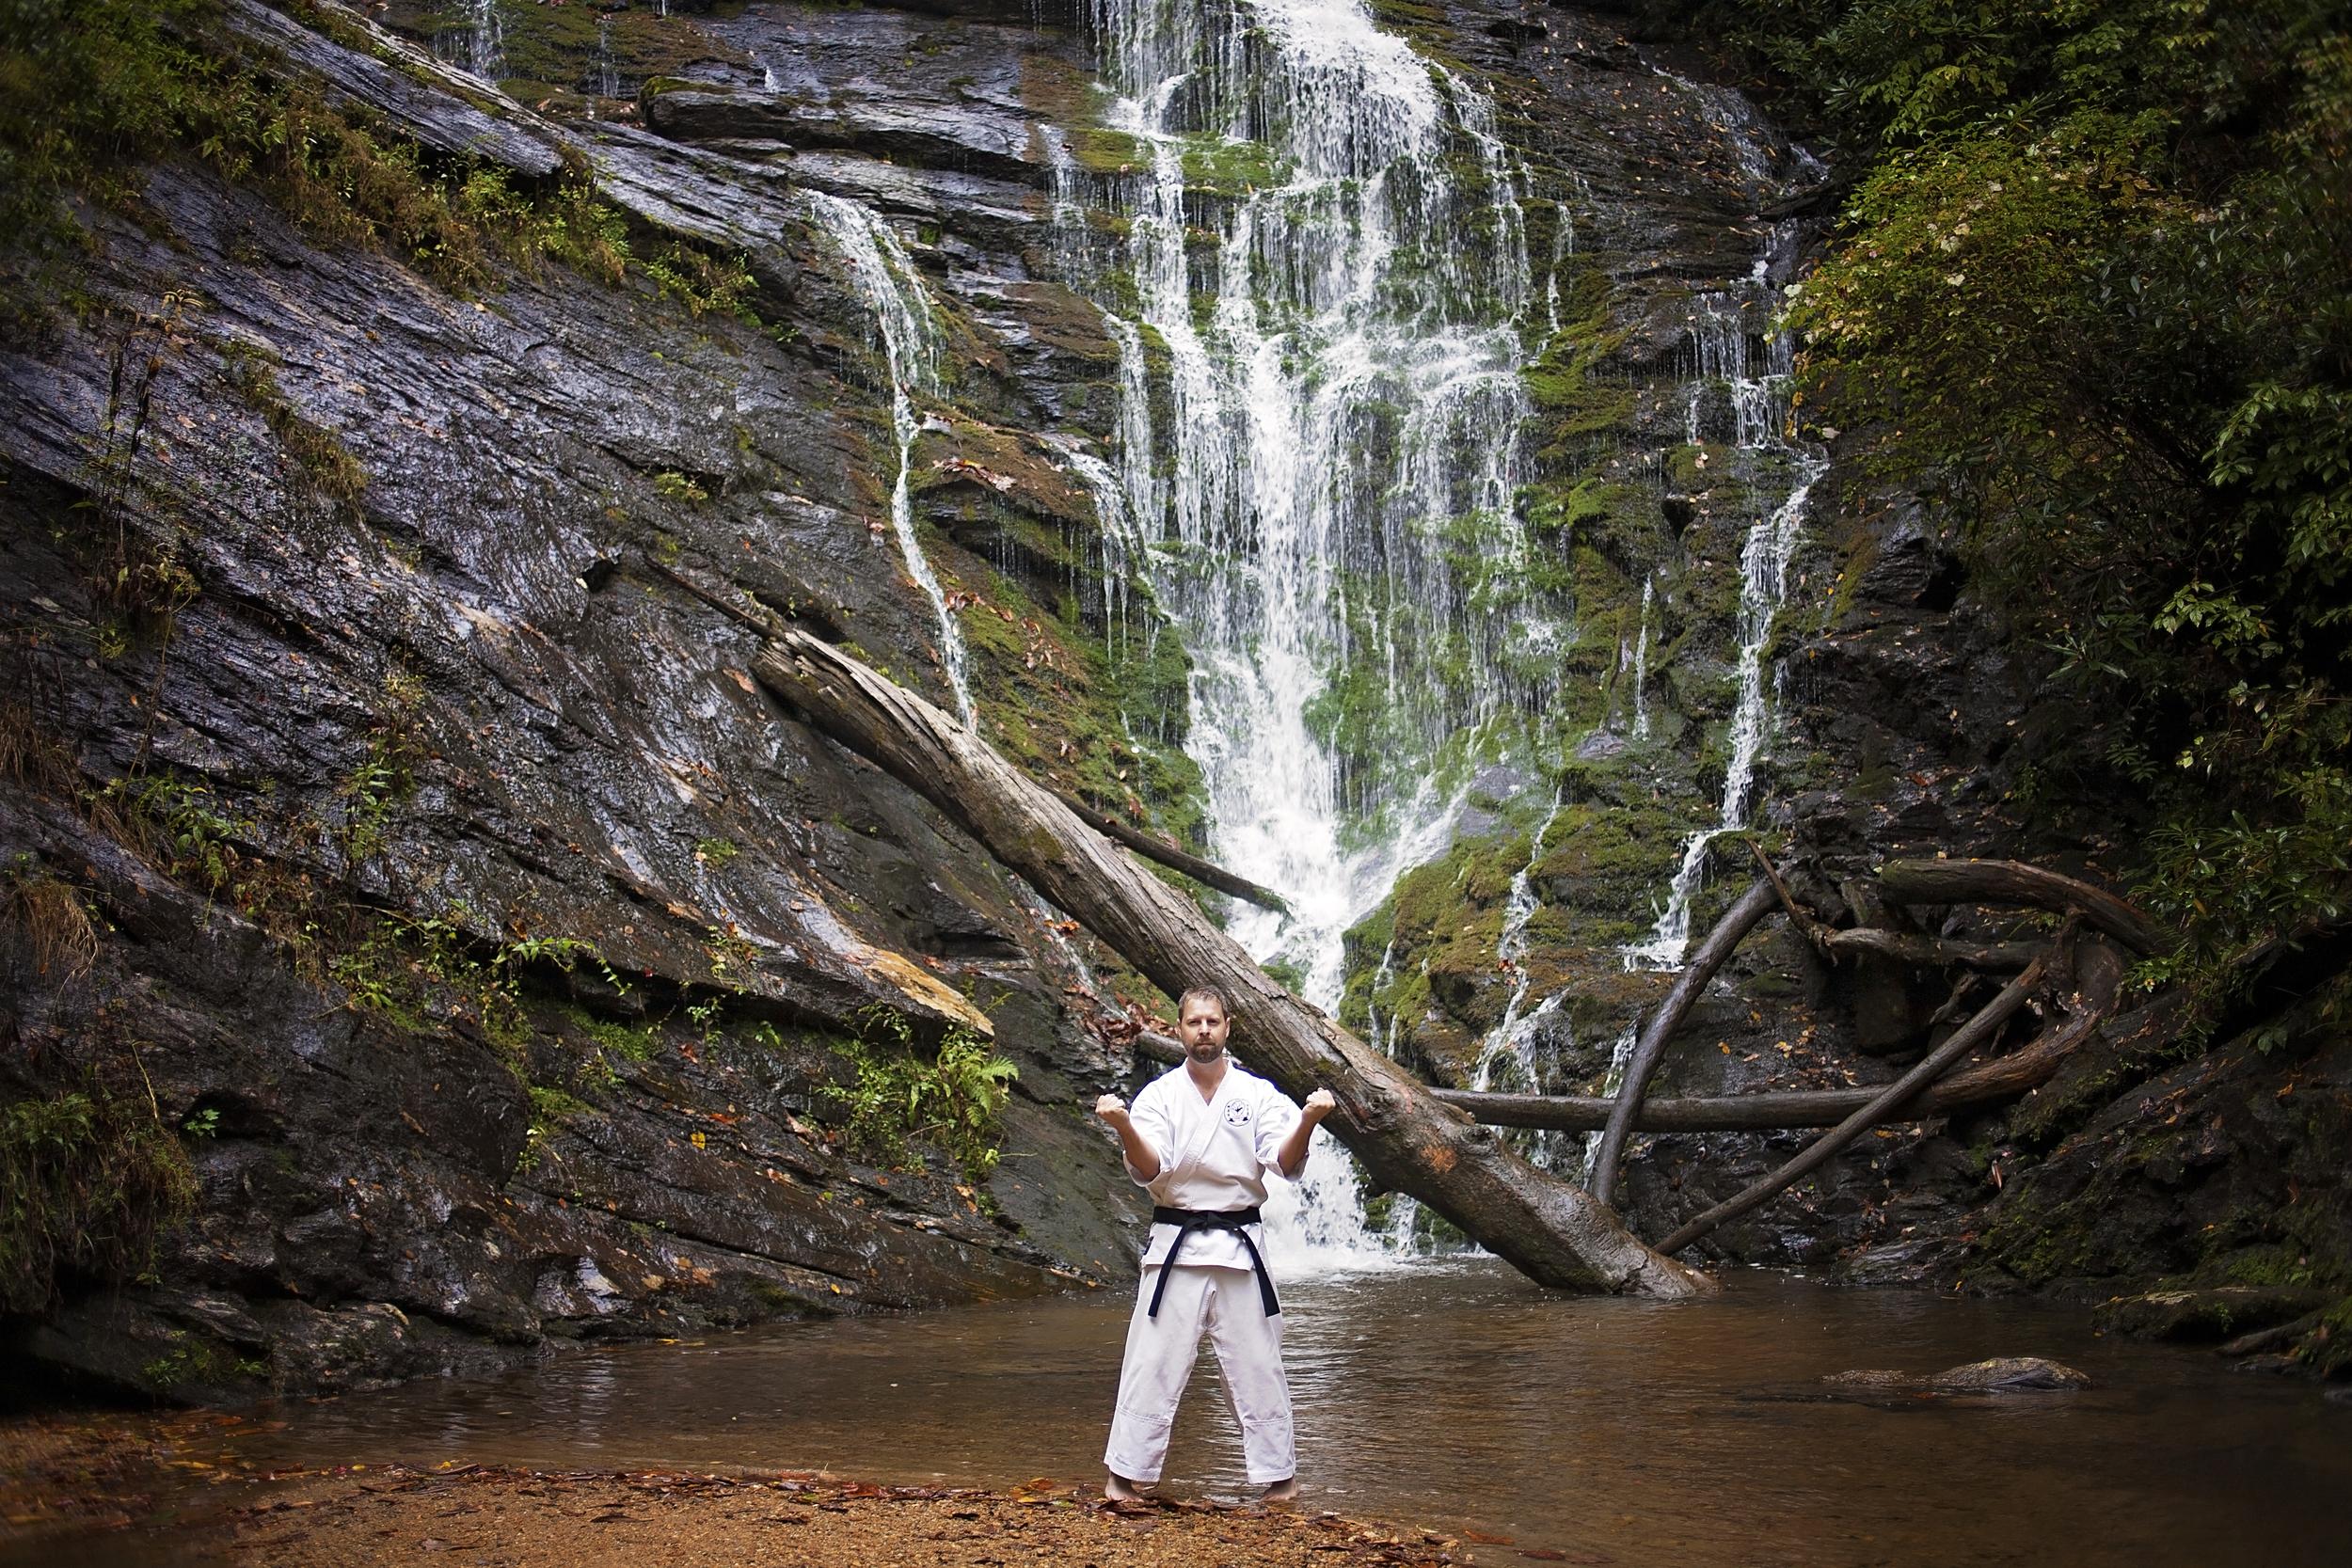 king creek falls burrells ford